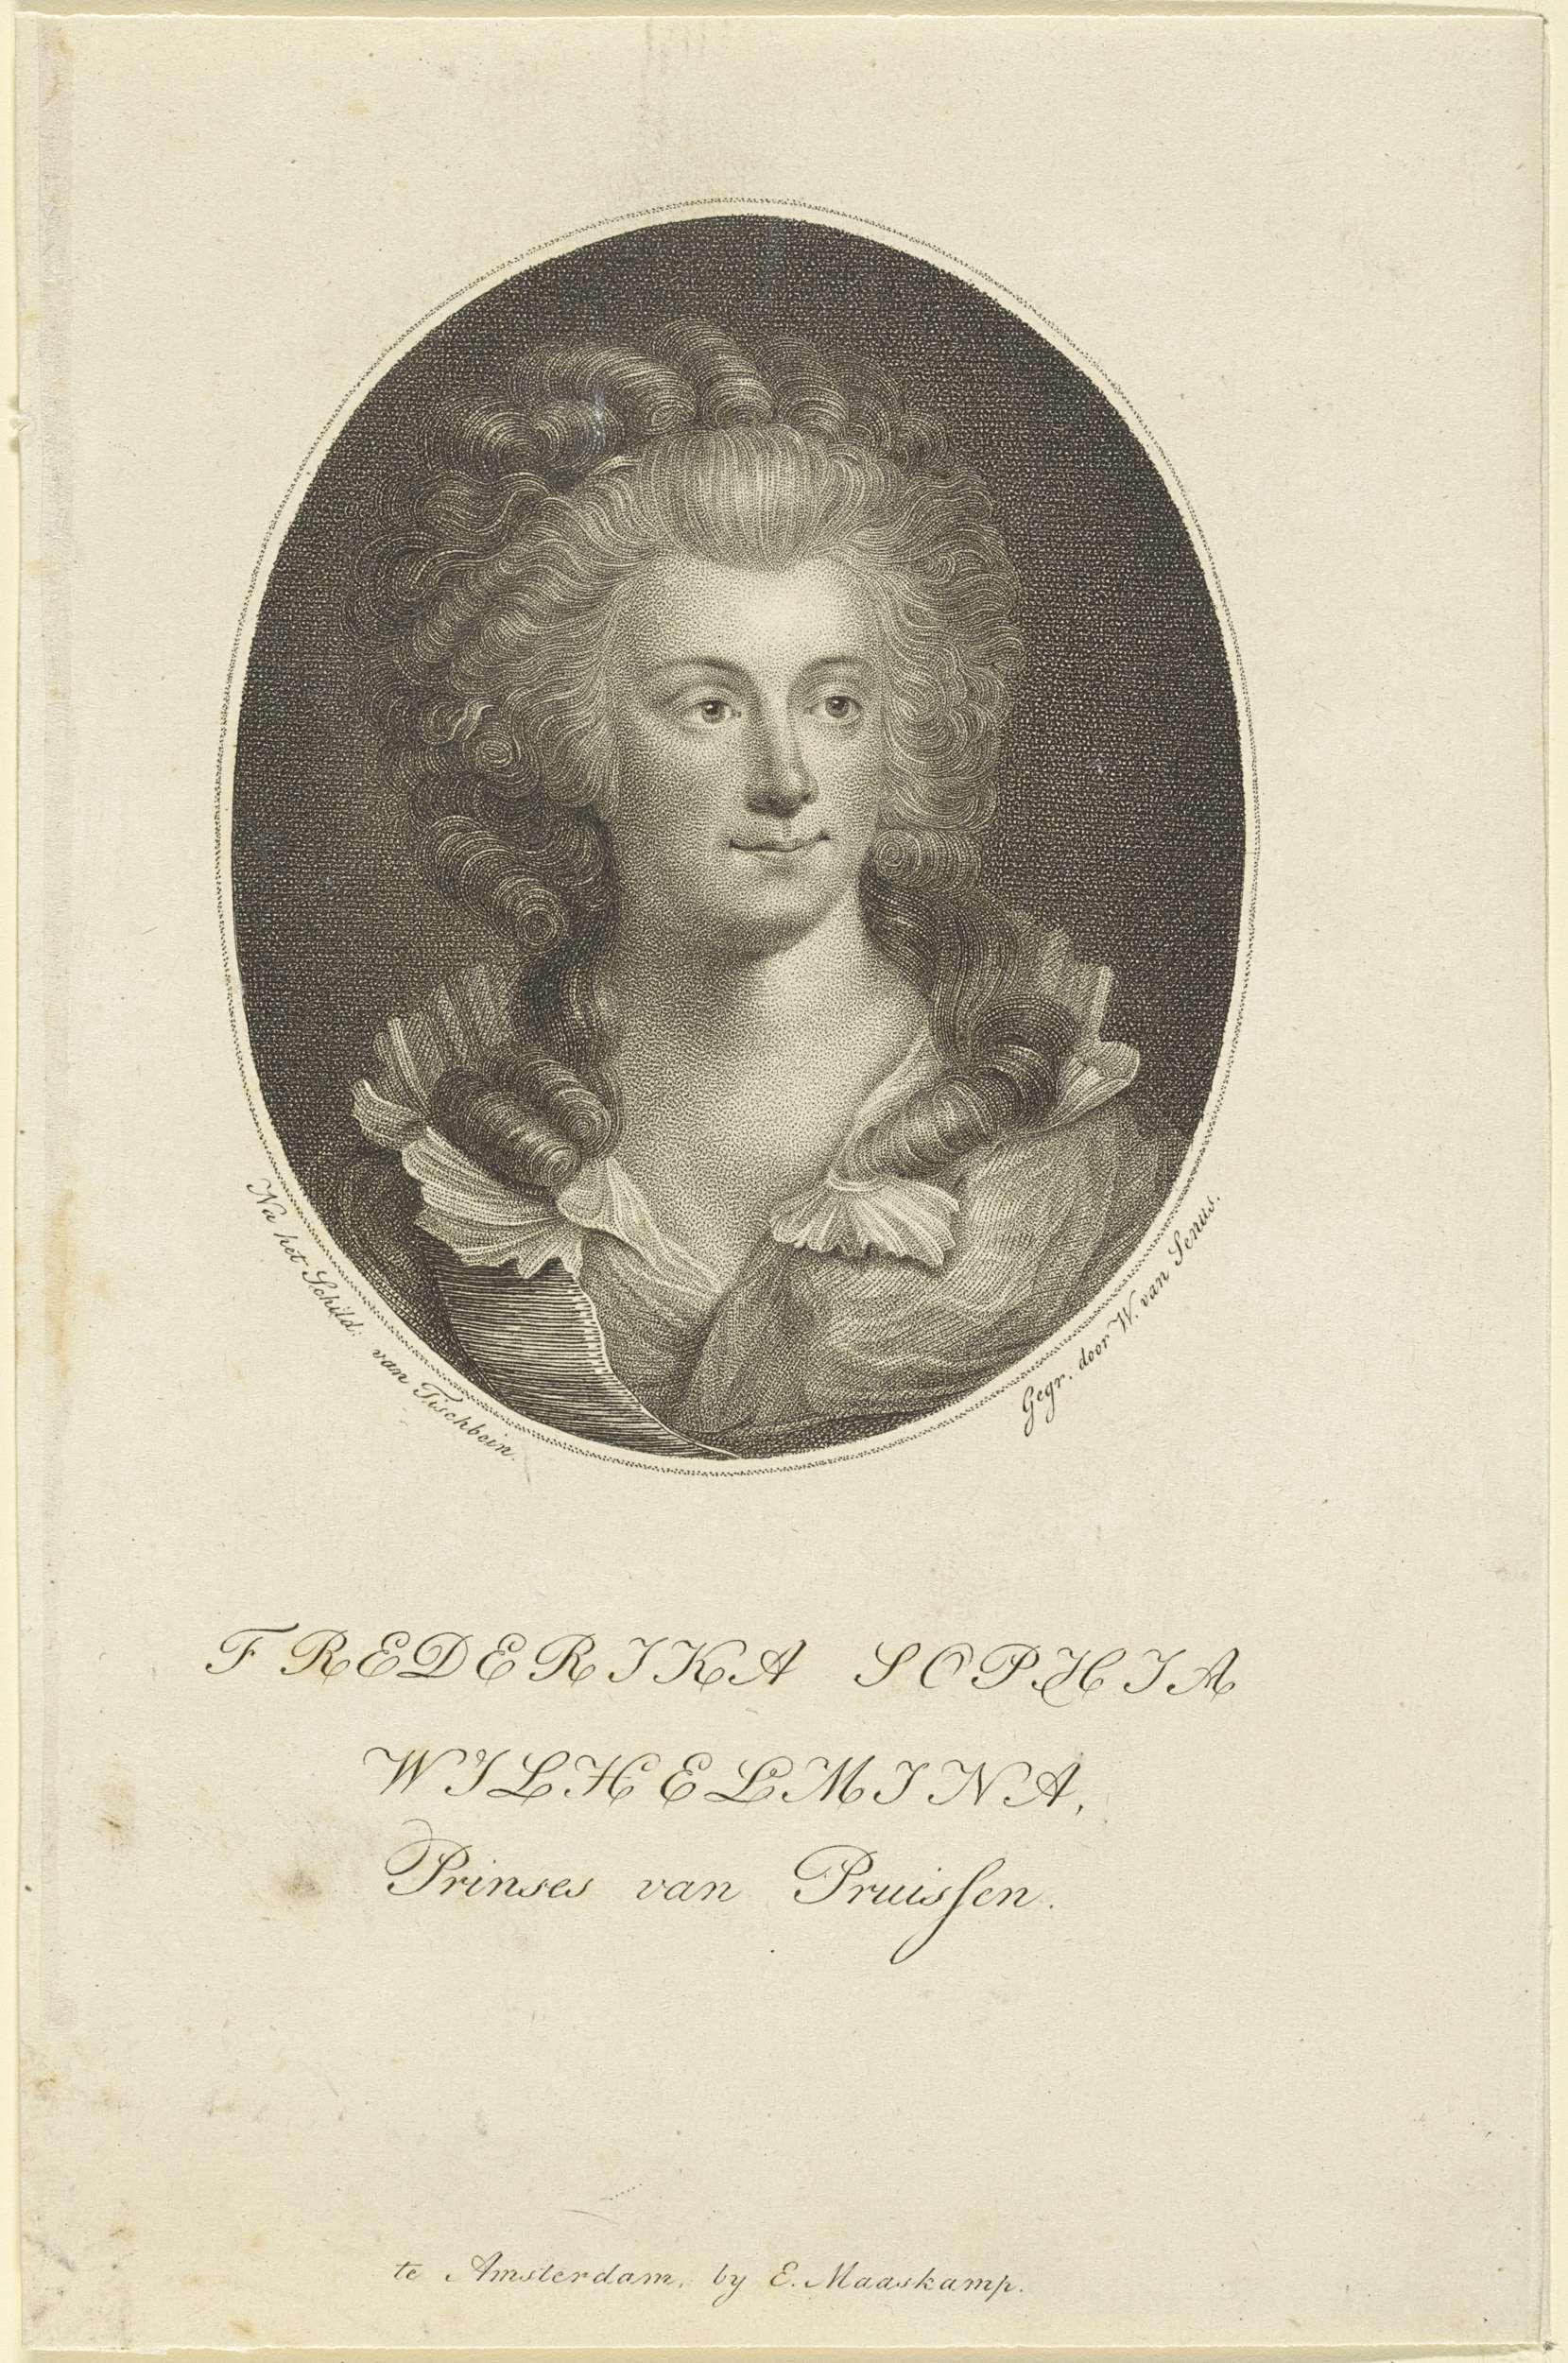 Willem van Senus | Portret van Wilhelmina van Pruisen, Willem van Senus, Evert Maaskamp, 1787 - 1834 | Portret van Wilhelmina in een ovaal. In de ondermarge haar naam en titel.